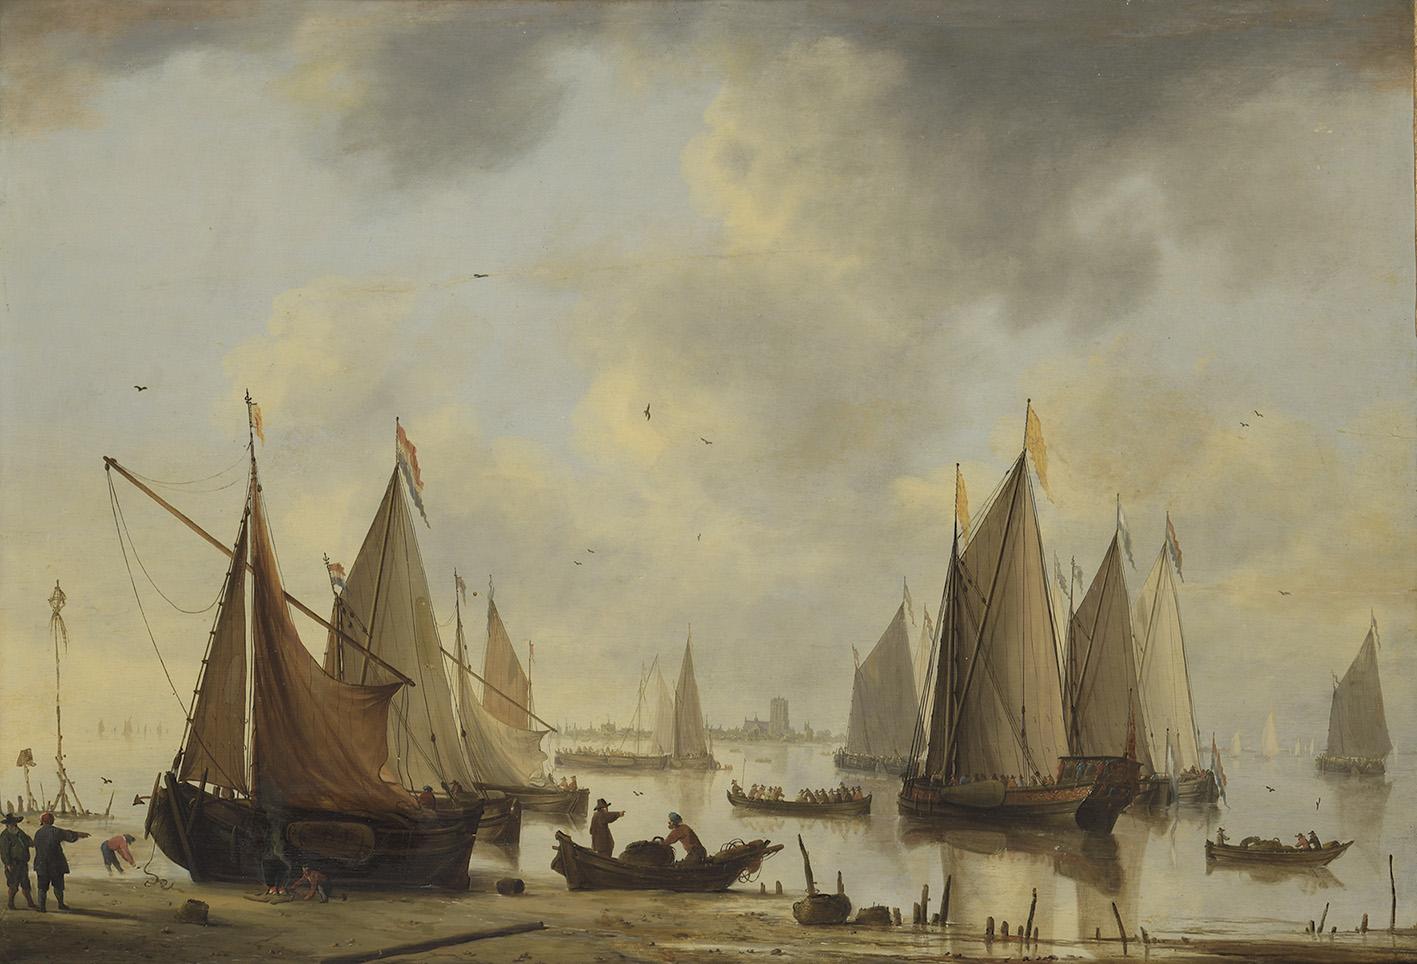 Cette Marine, avec au loin la ville de Dordrecht (73,5x105cm) a pris le large pour 63500€. Elle rejoignait ainsi une nouvelle collect